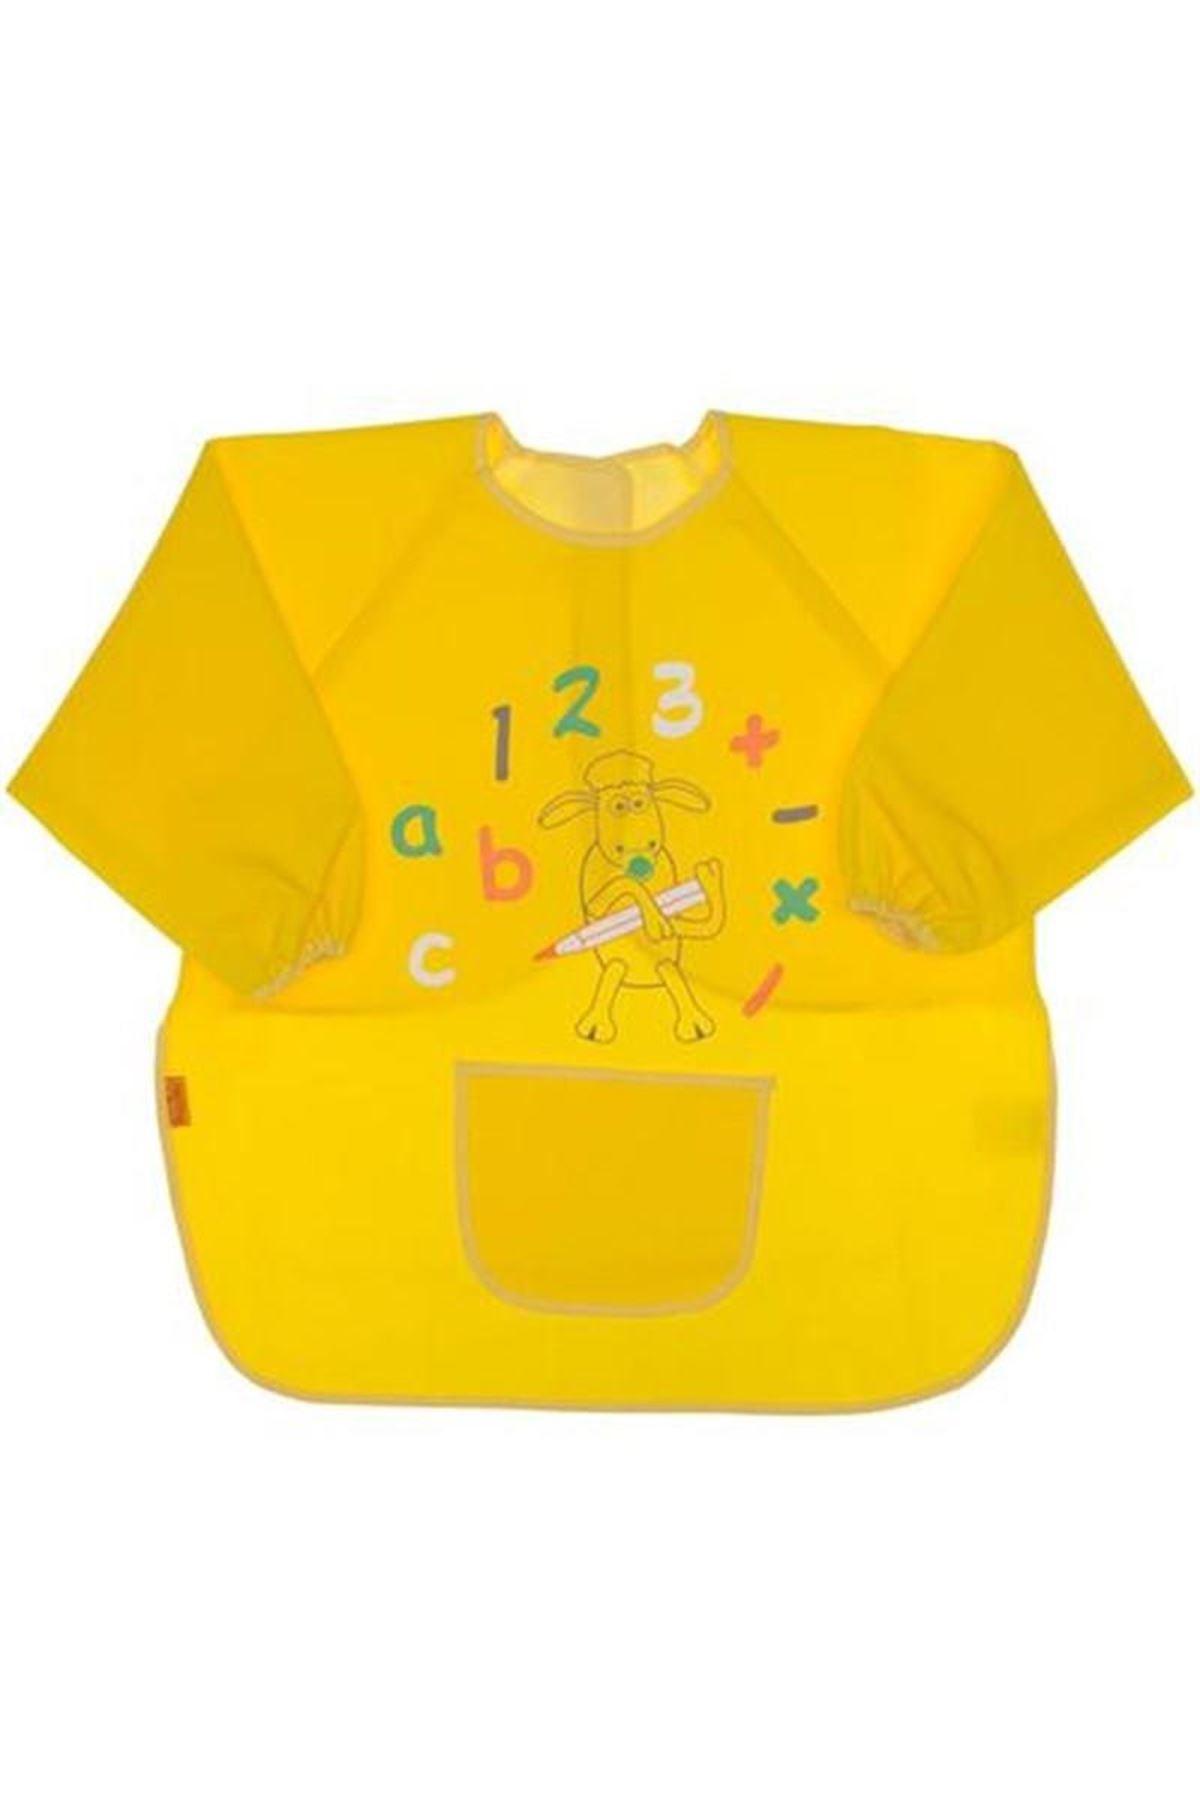 BabyJem Bebek Faaliyet Önlüğü Kollu 049 Sarı